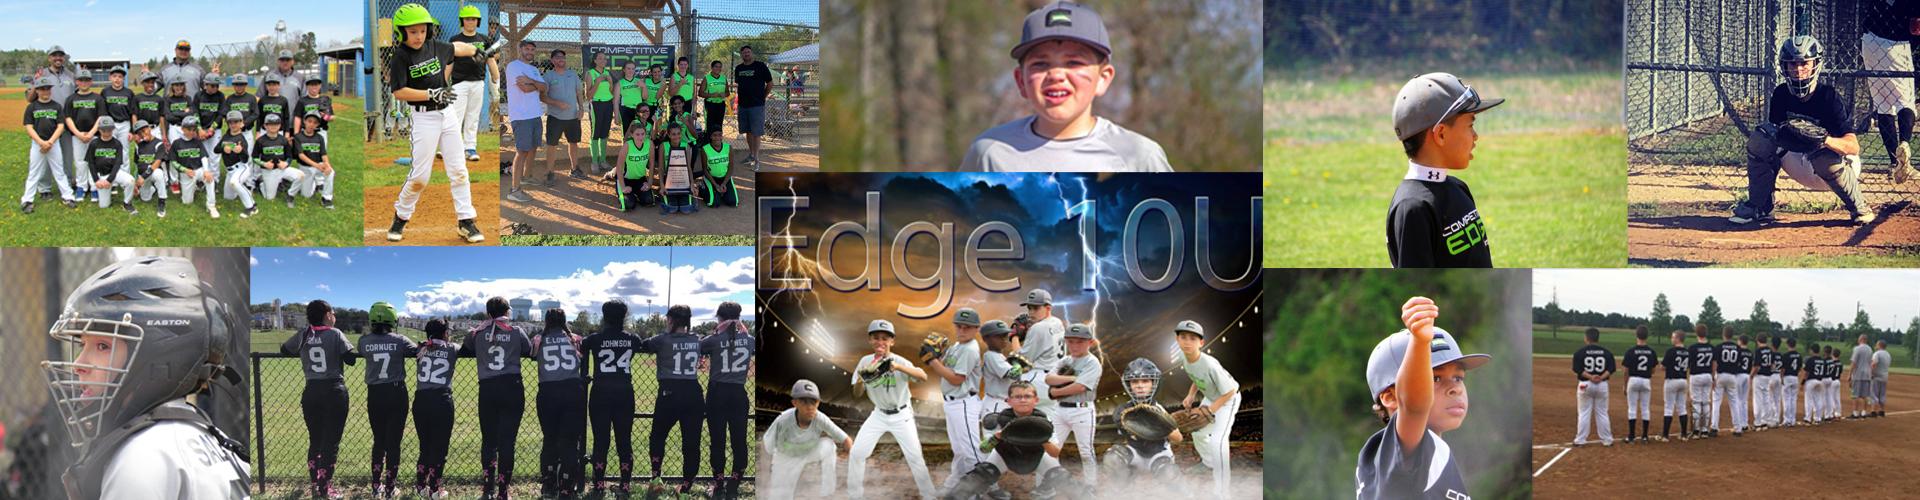 Edge Baseball Teams Competitive Edge